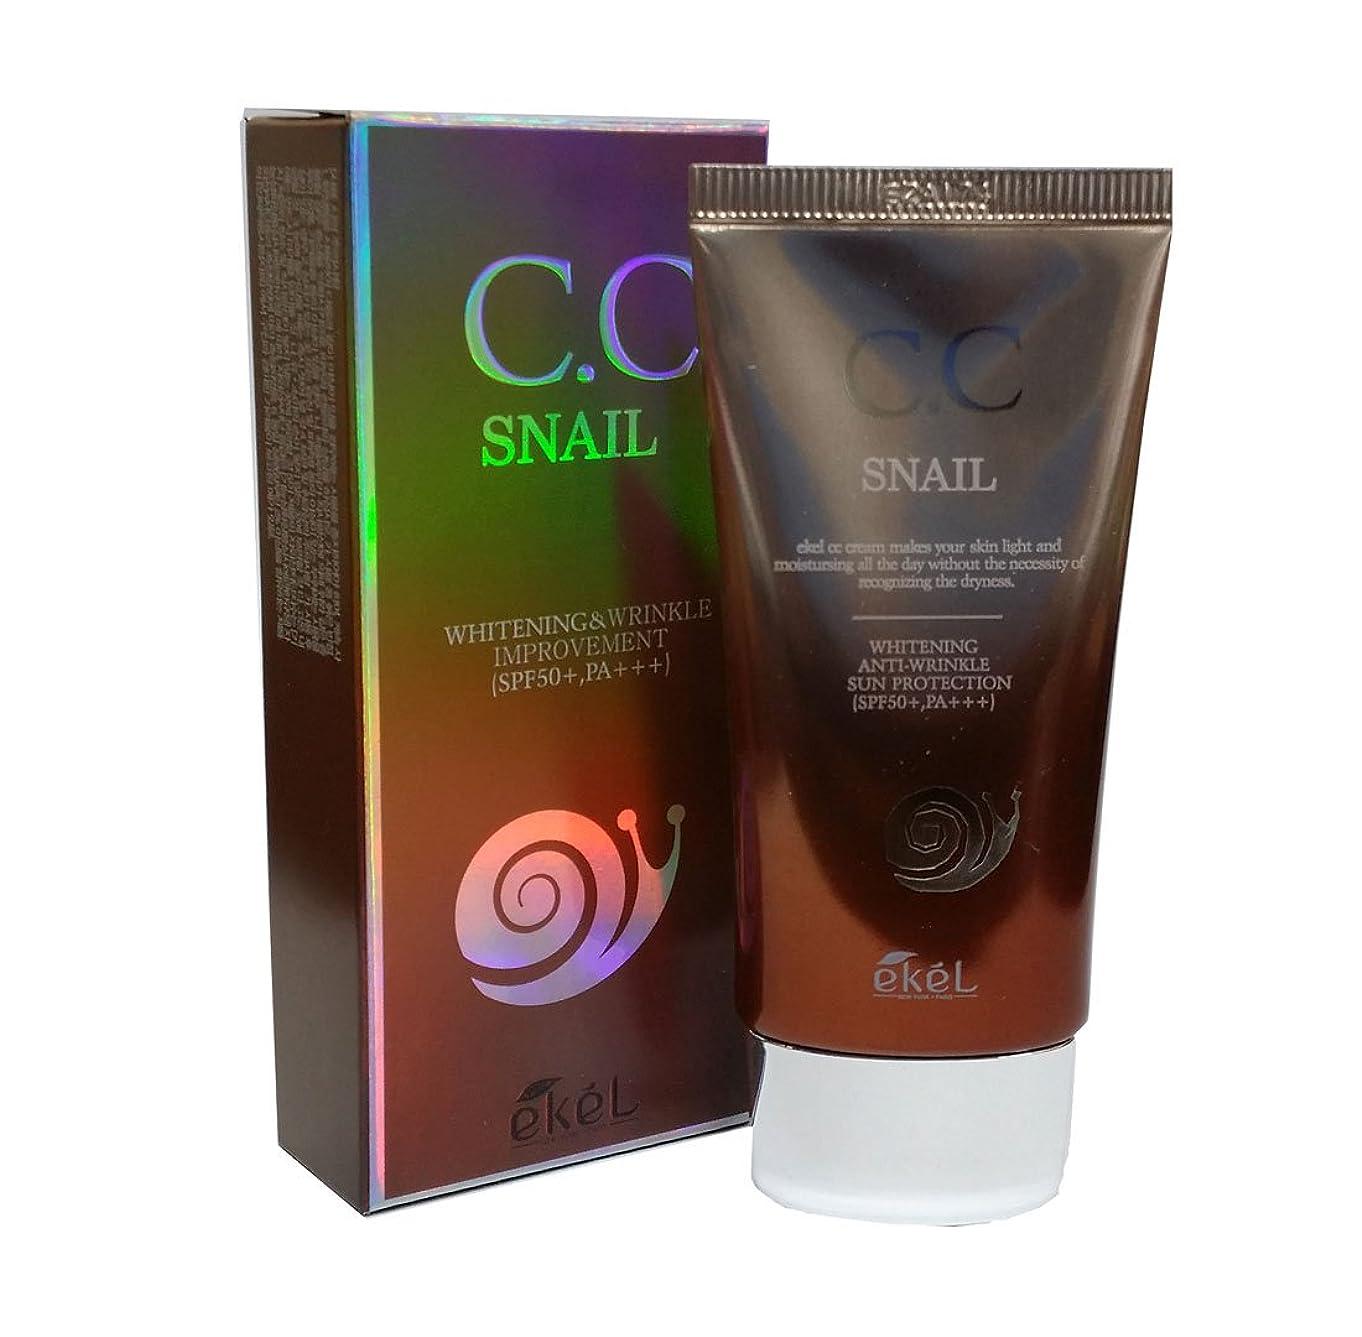 教義中世の命令的[Ekel] カタツムリCCクリームSPF50 + PA +++ 50ml / Snail CC Cream SPF50+ PA +++ 50ml / ホワイトニング、しわ、UVカット / Whitening,Anti-wrinkle,UV protection / 韓国化粧品 / Korean Cosmetics [並行輸入品]